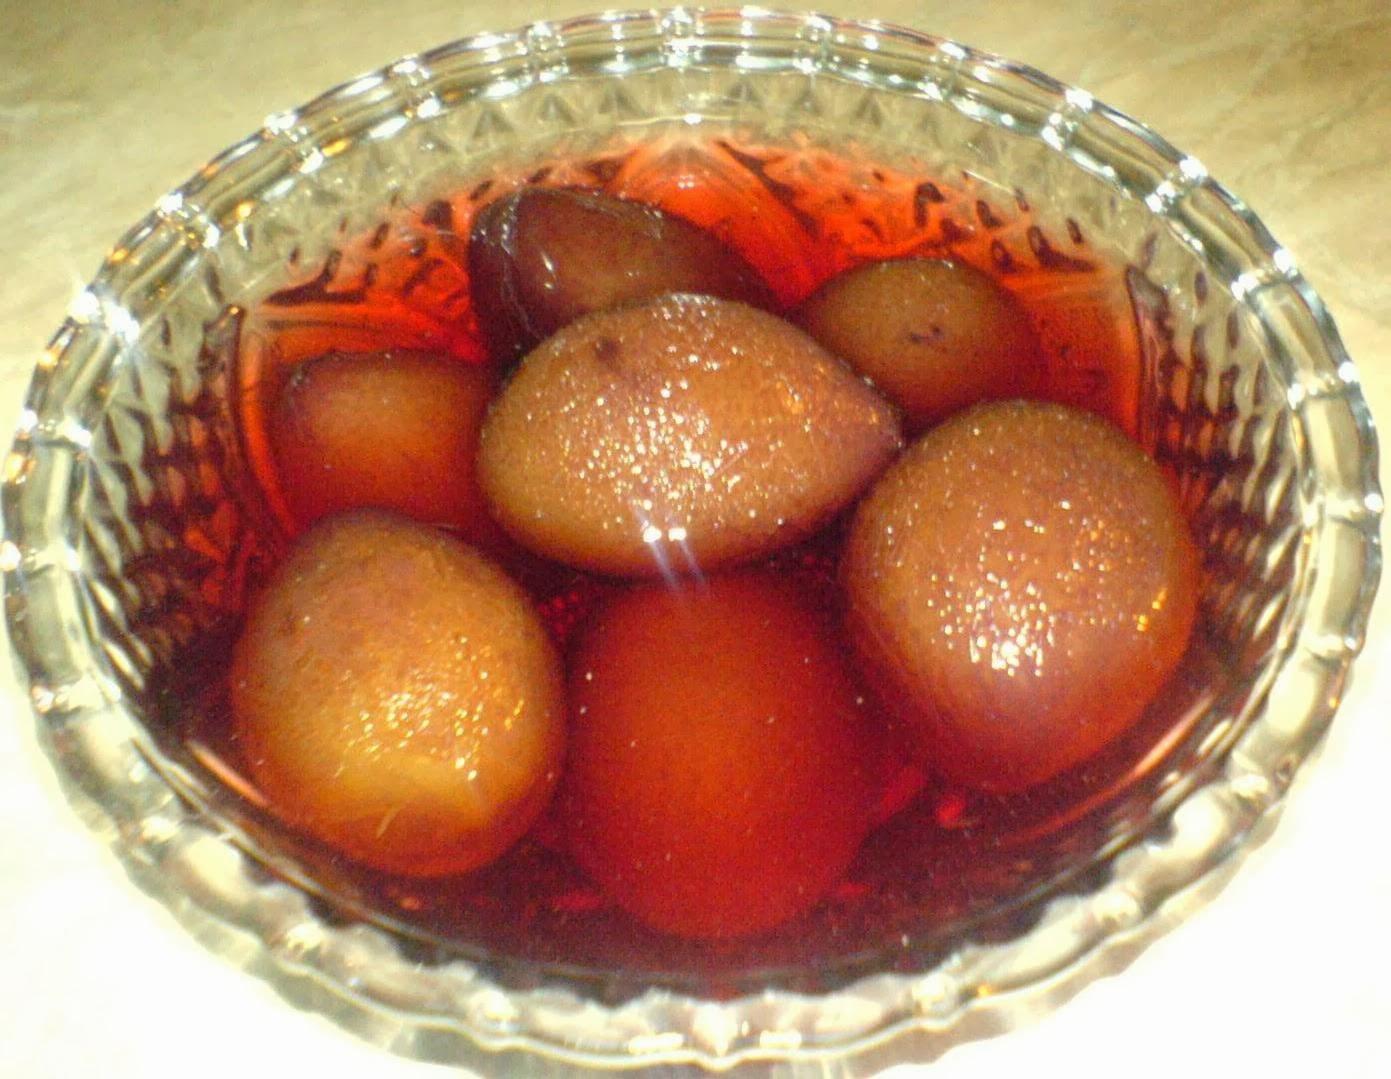 compot de prune pentru iarna, dulciuri, deserturi, conserve pentru iarna, retete